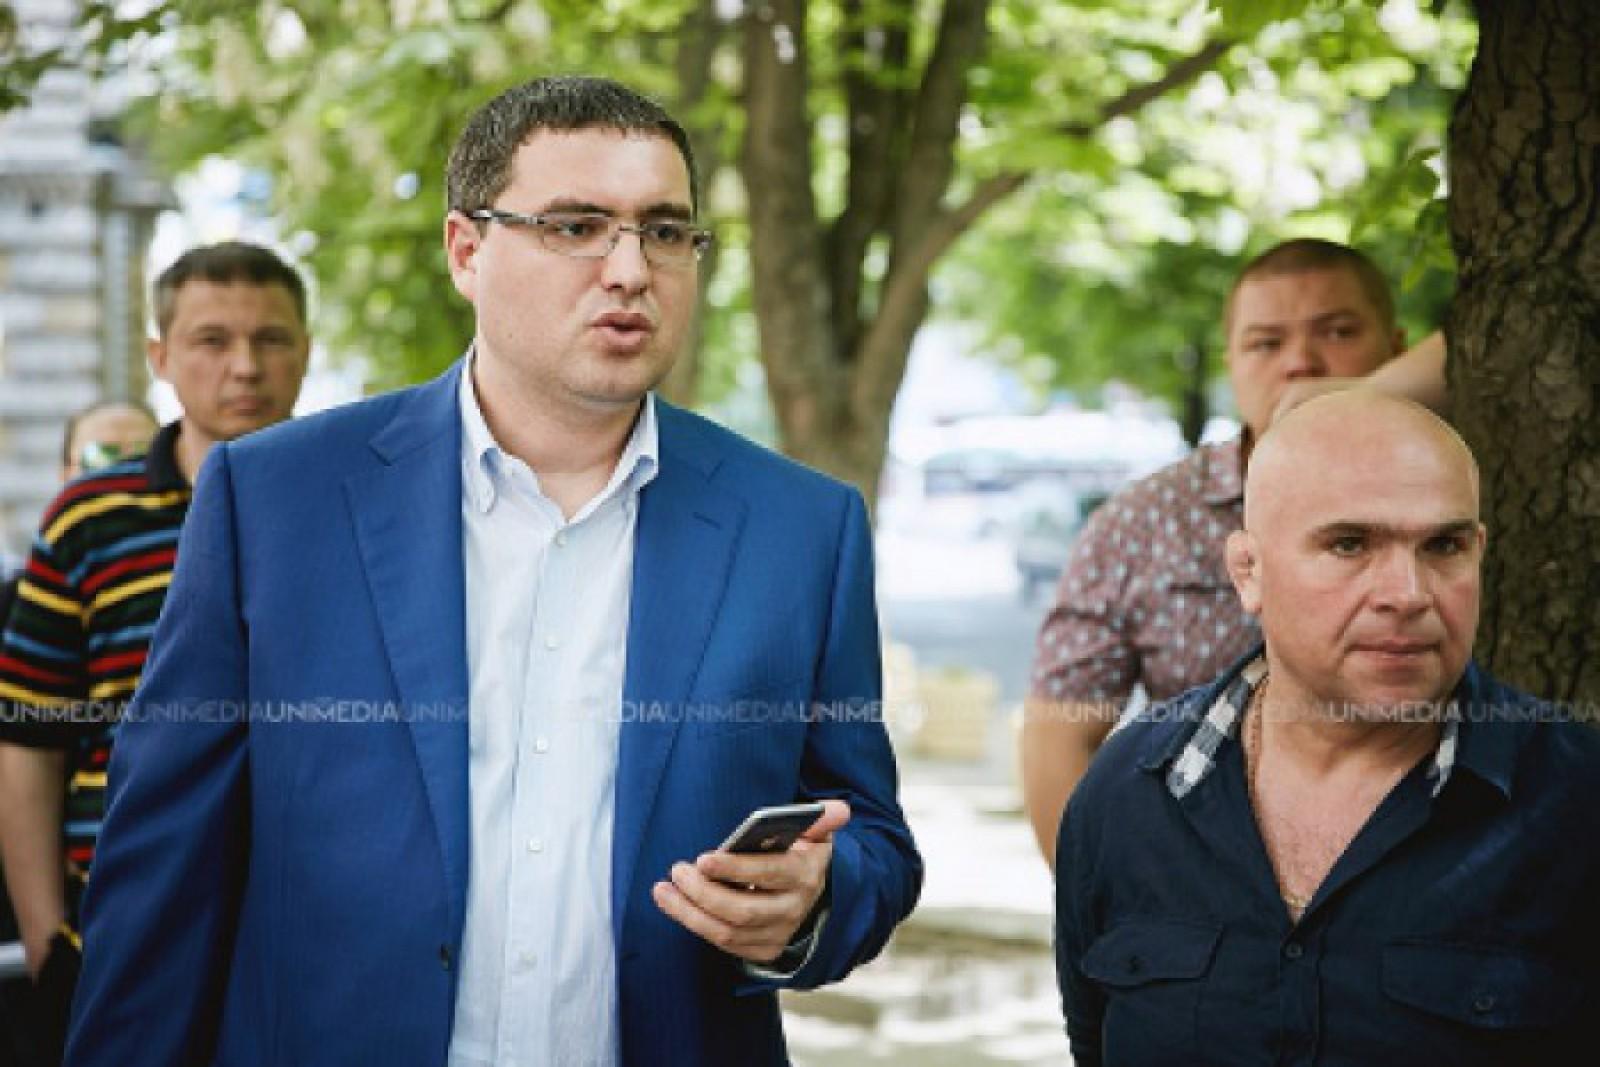 (ultima oră) Lovitură de teatru la Bălți: Renato Usatîi și-a anunțat demisia din funcția de primar